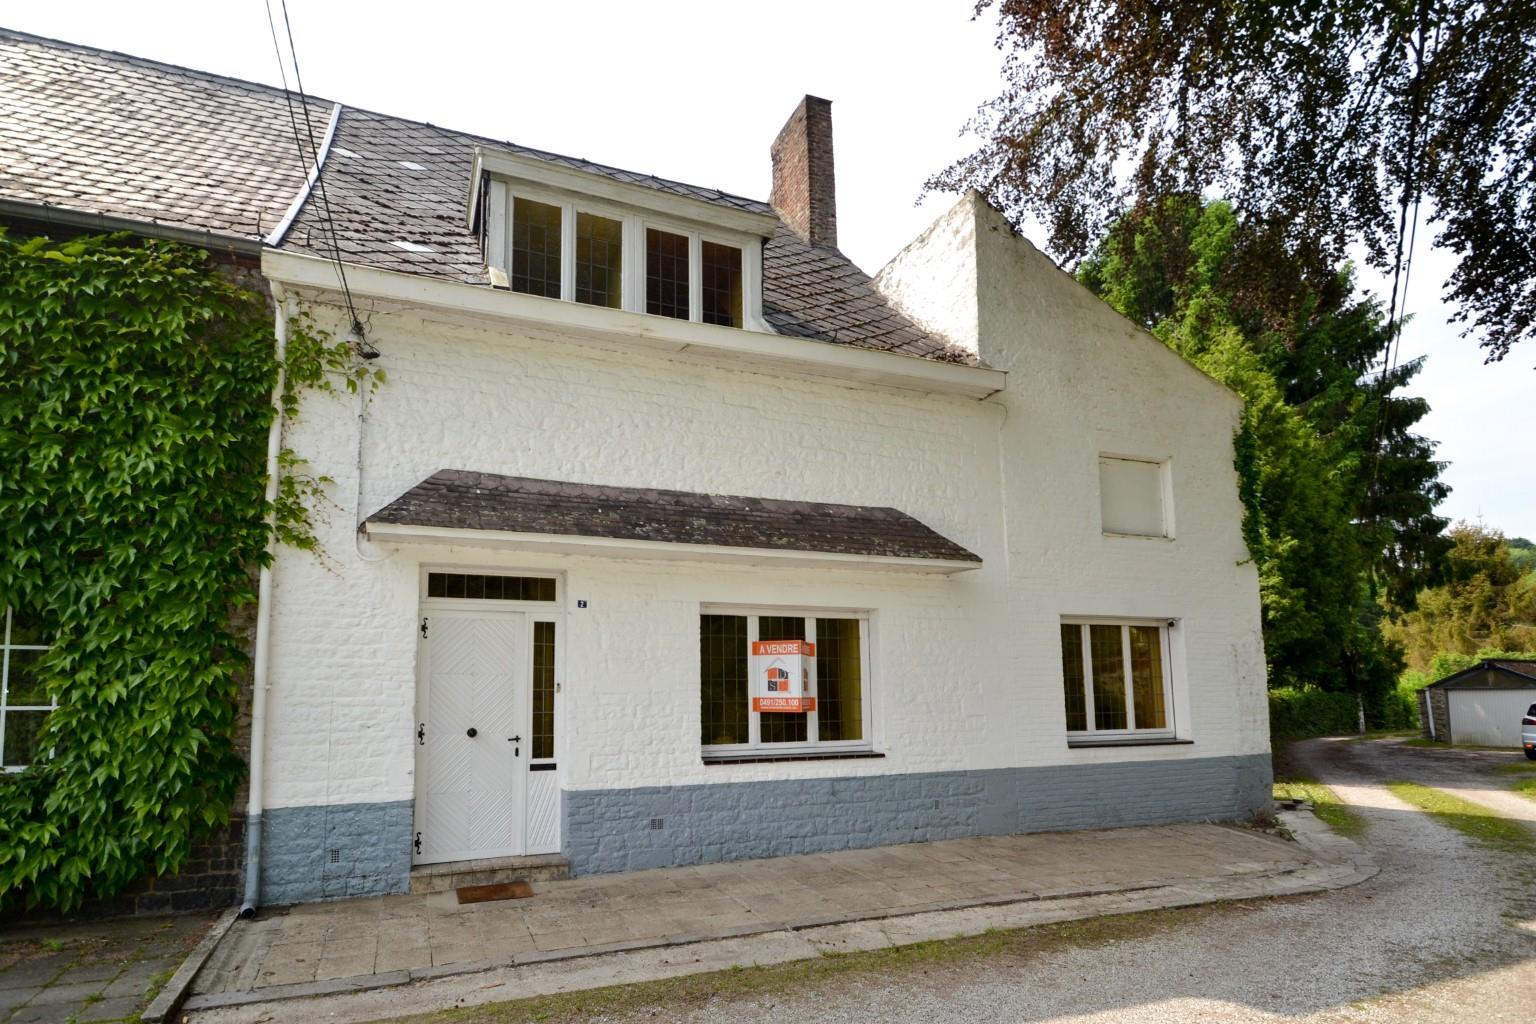 Maison - Walcourt - #2533158-2